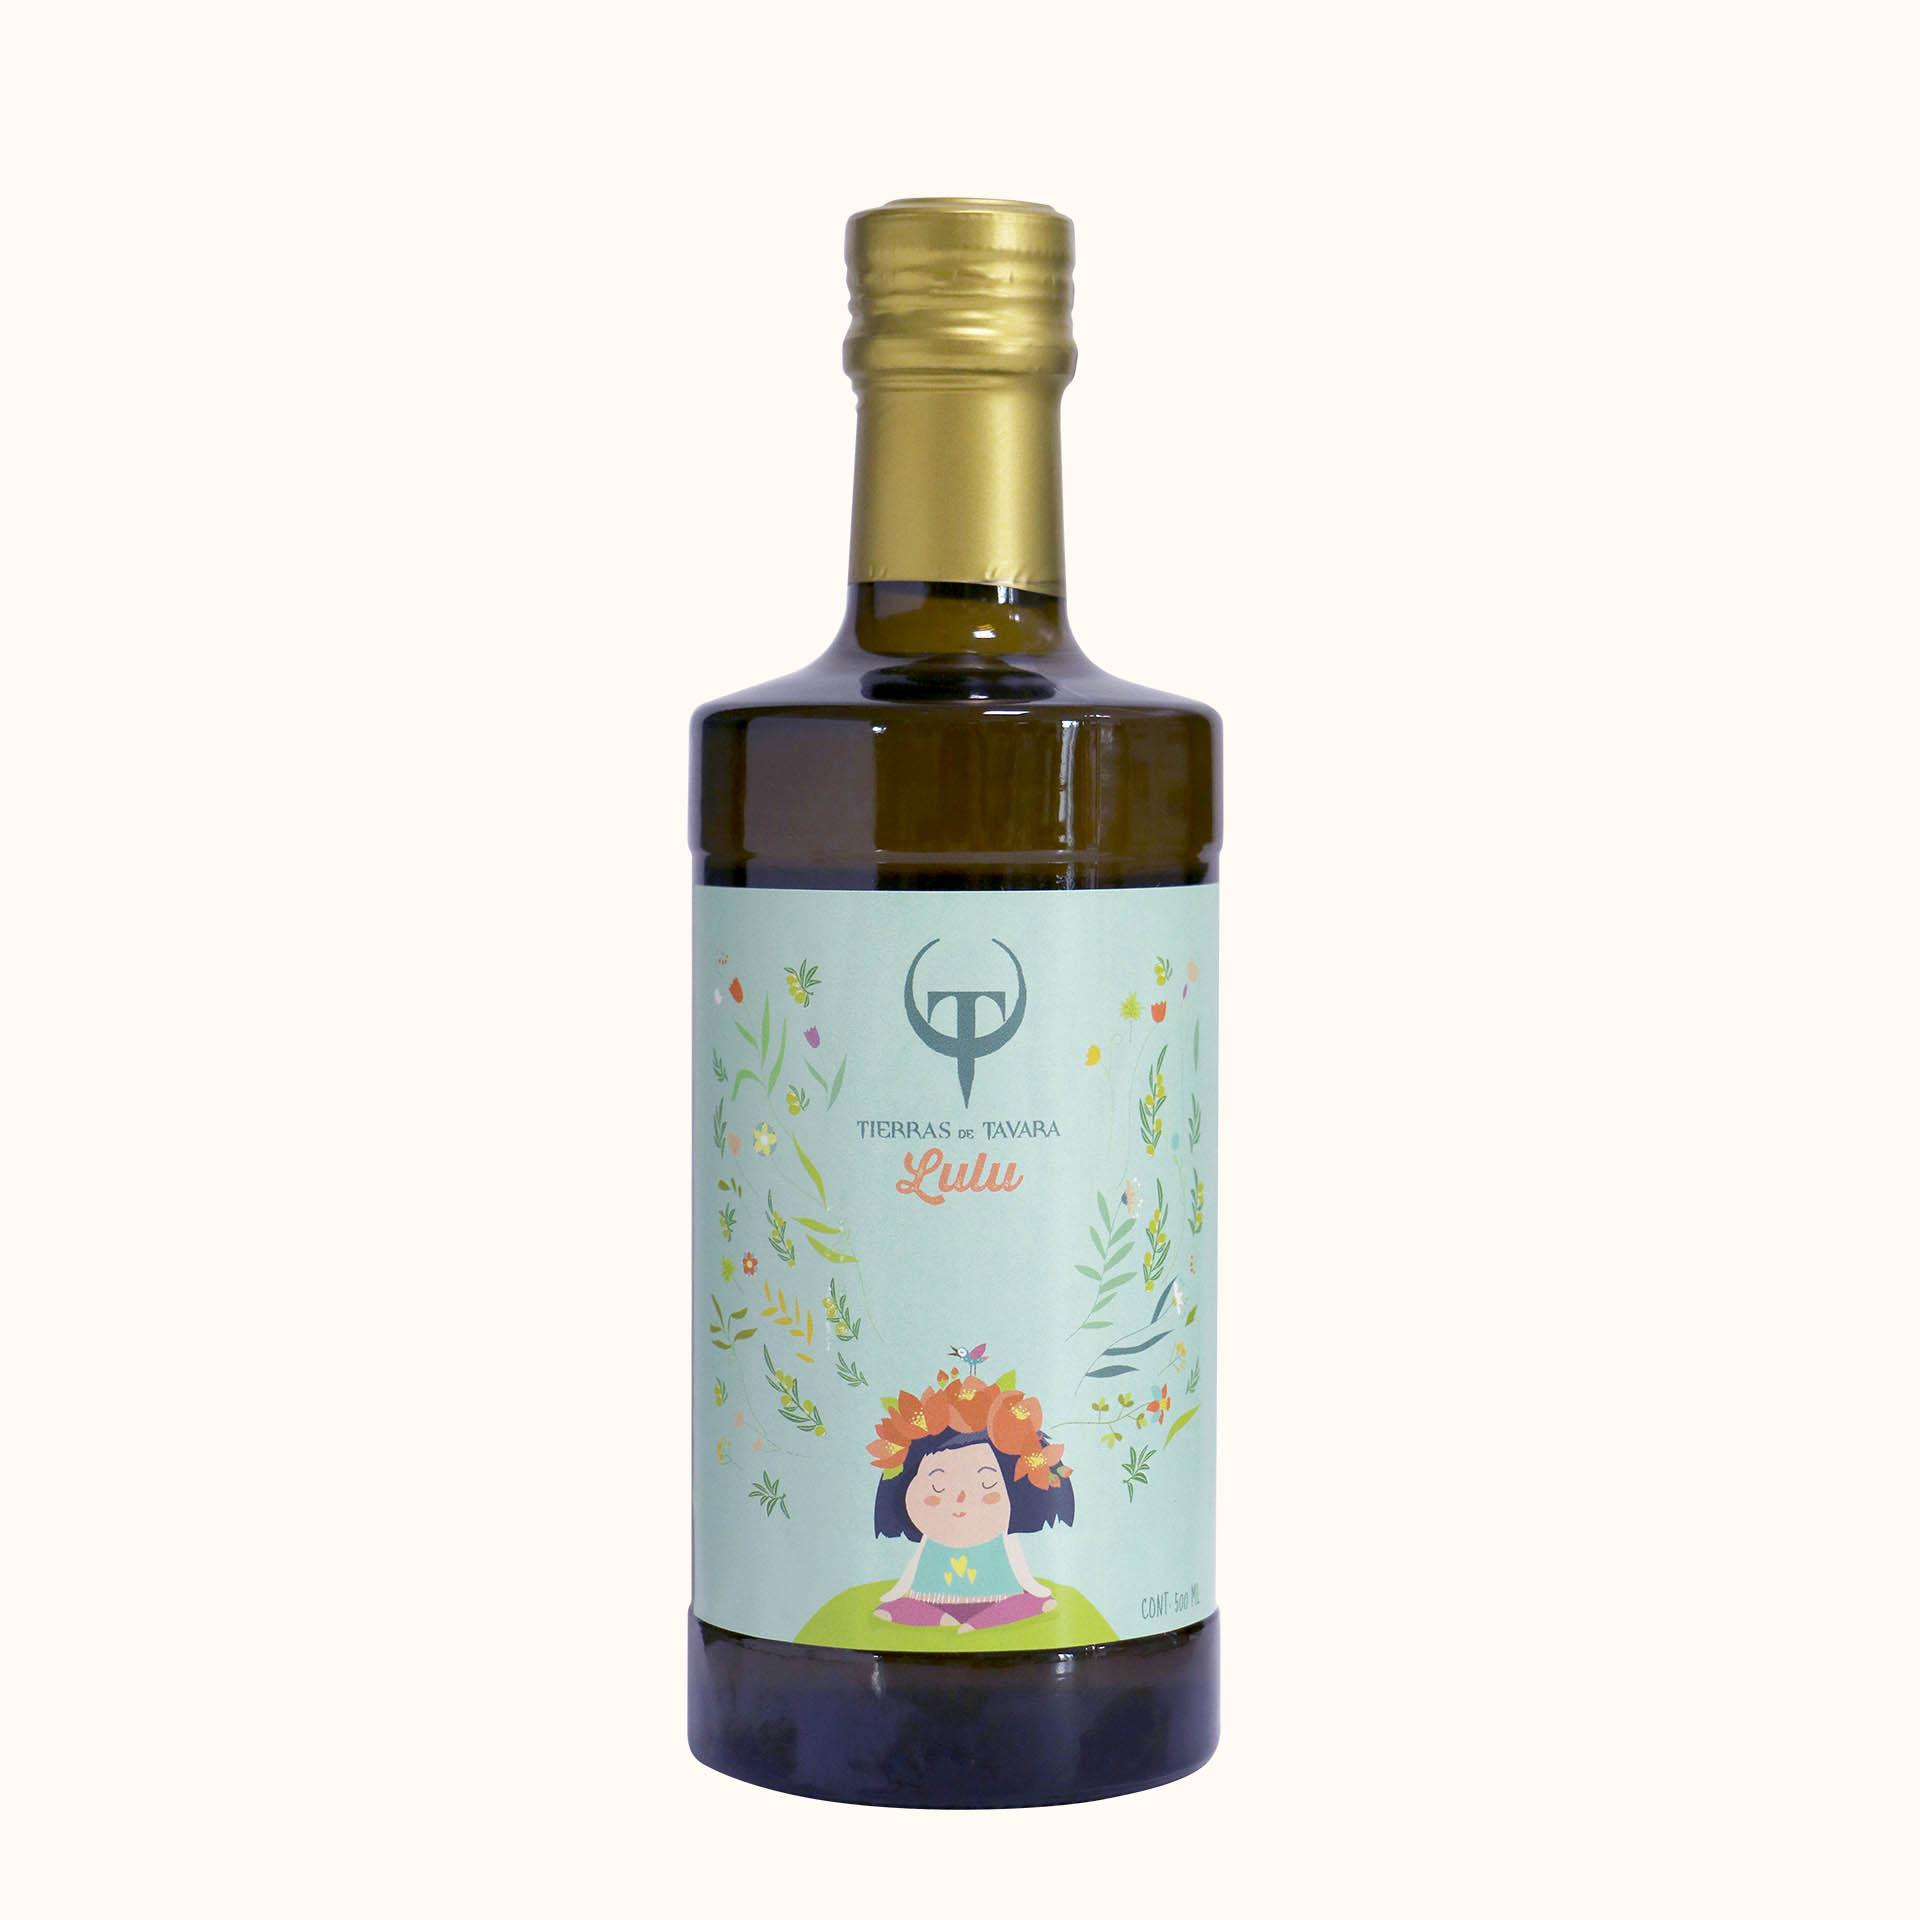 【瓶身瑕疵】Lulus 頂級初榨橄欖油 250ml(有效:20220904)